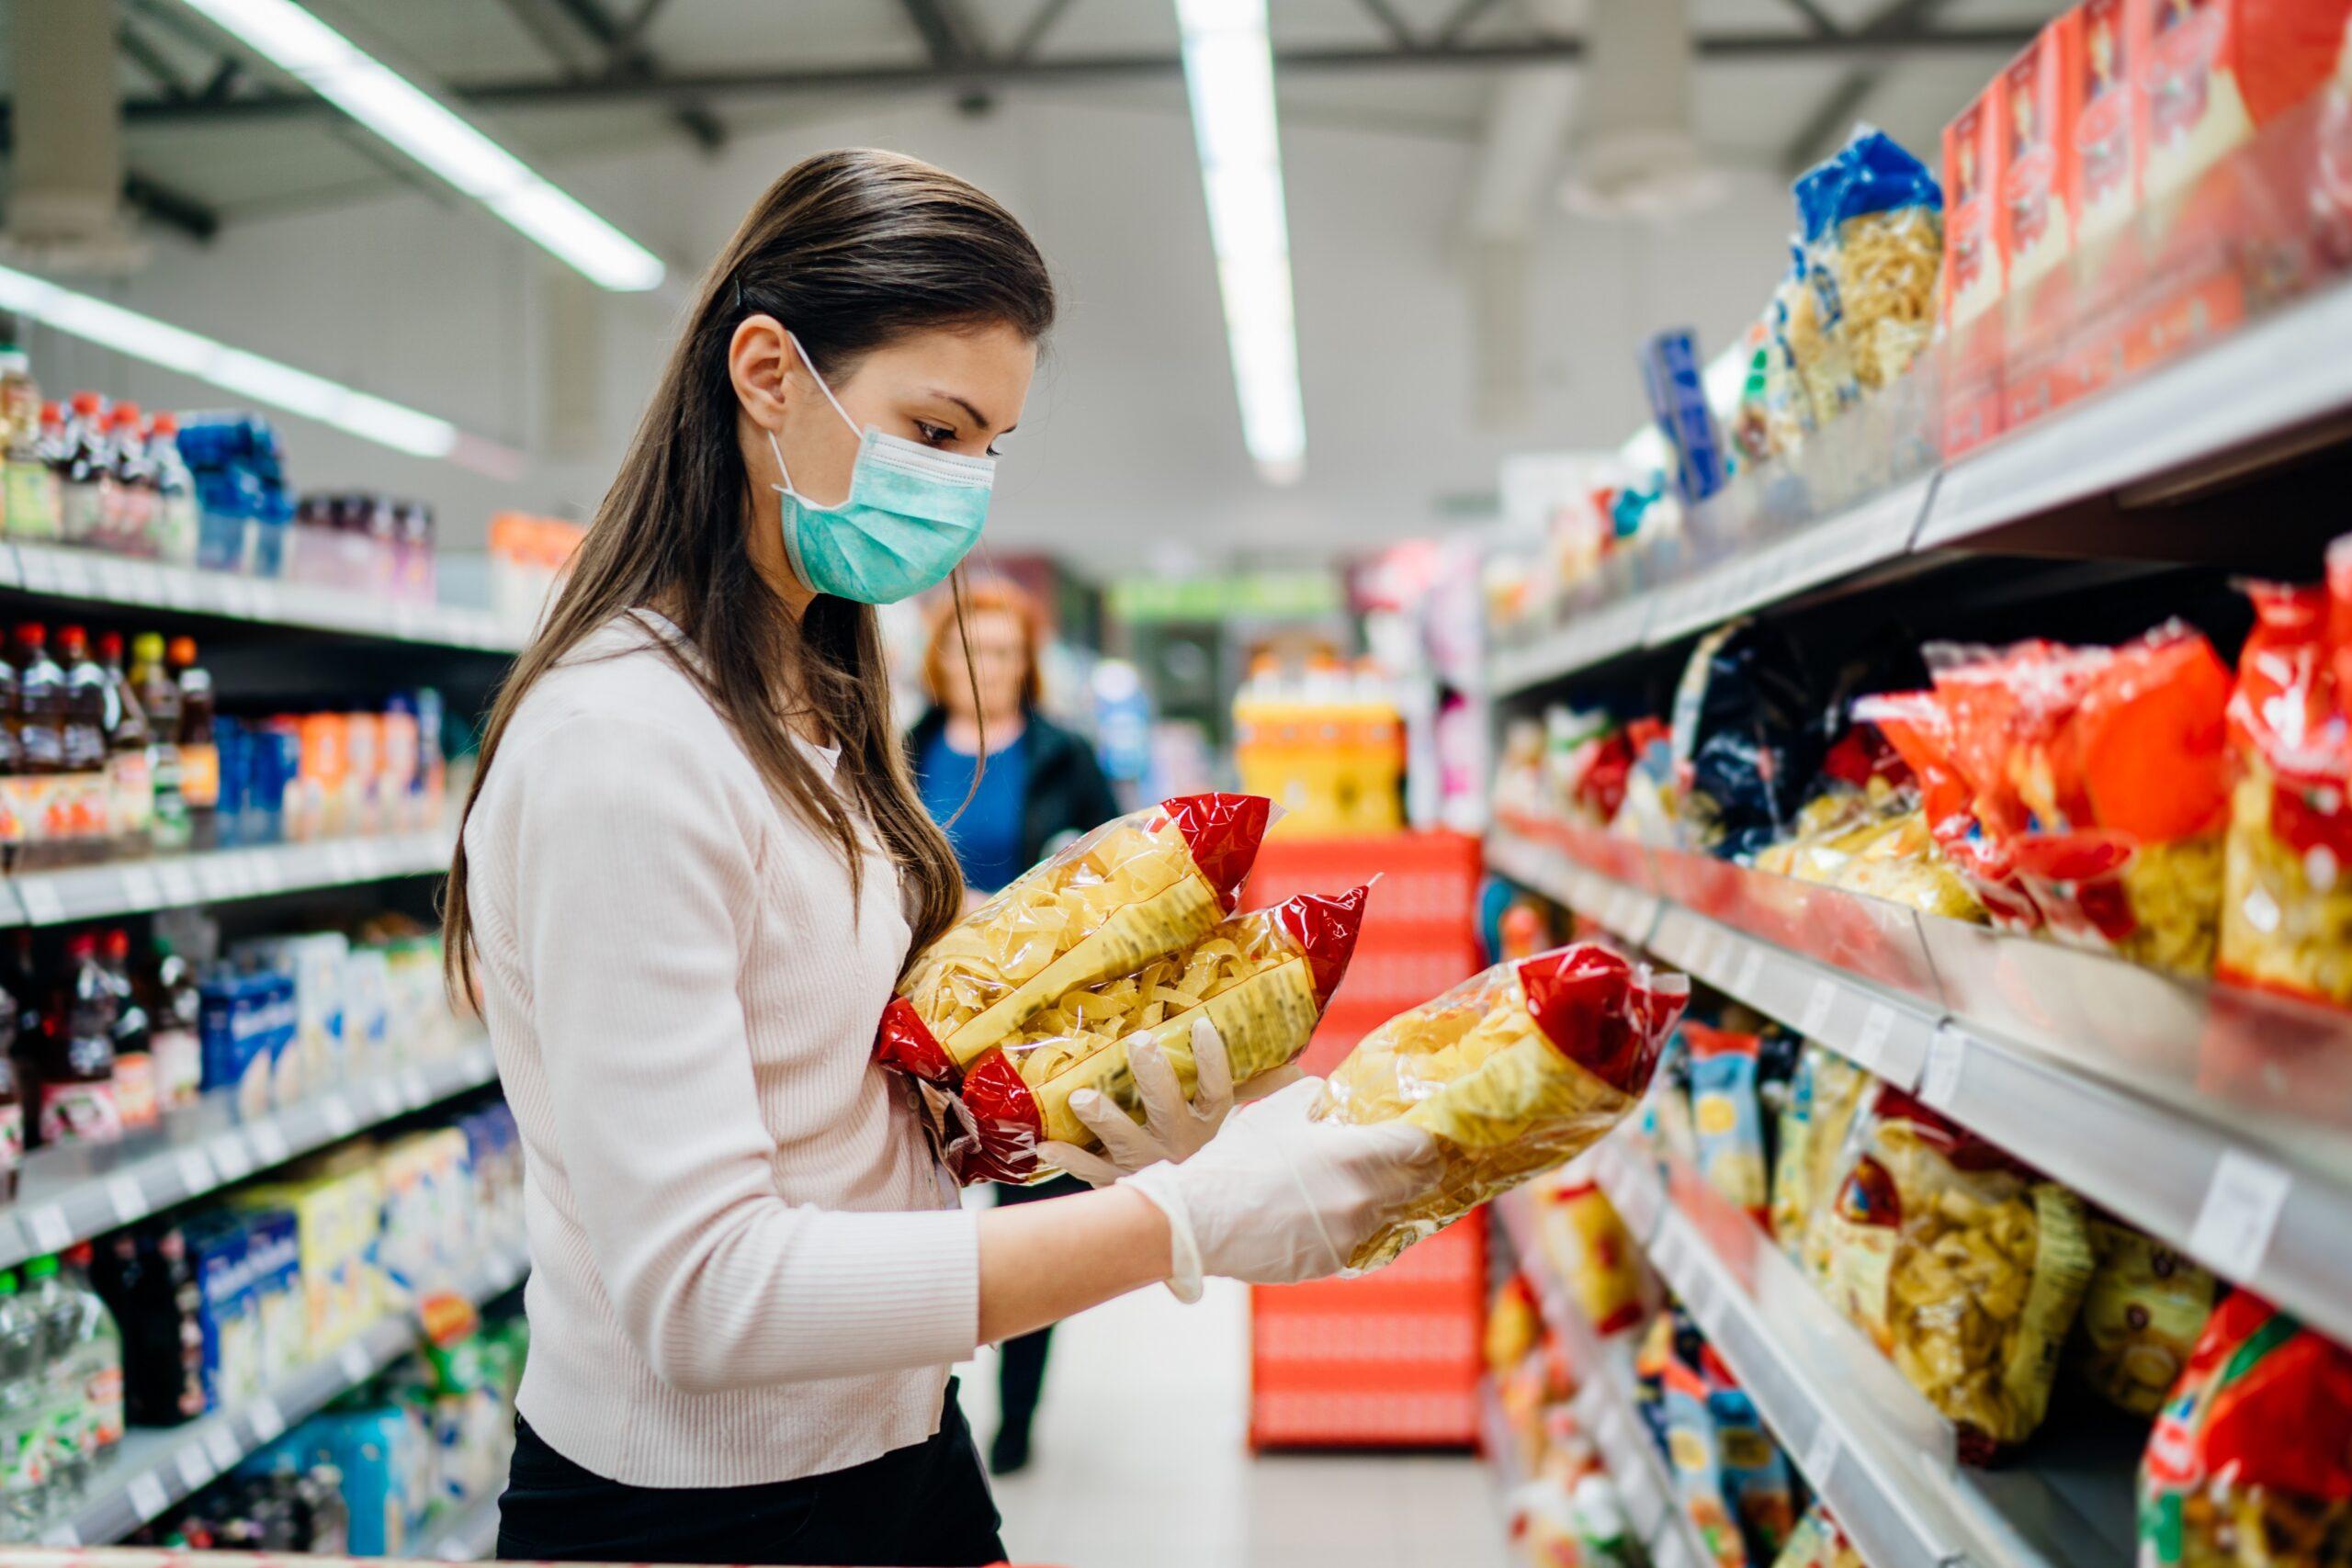 Pandemide gıda sektöründe ambalajlı ürünler büyük önem kazandı